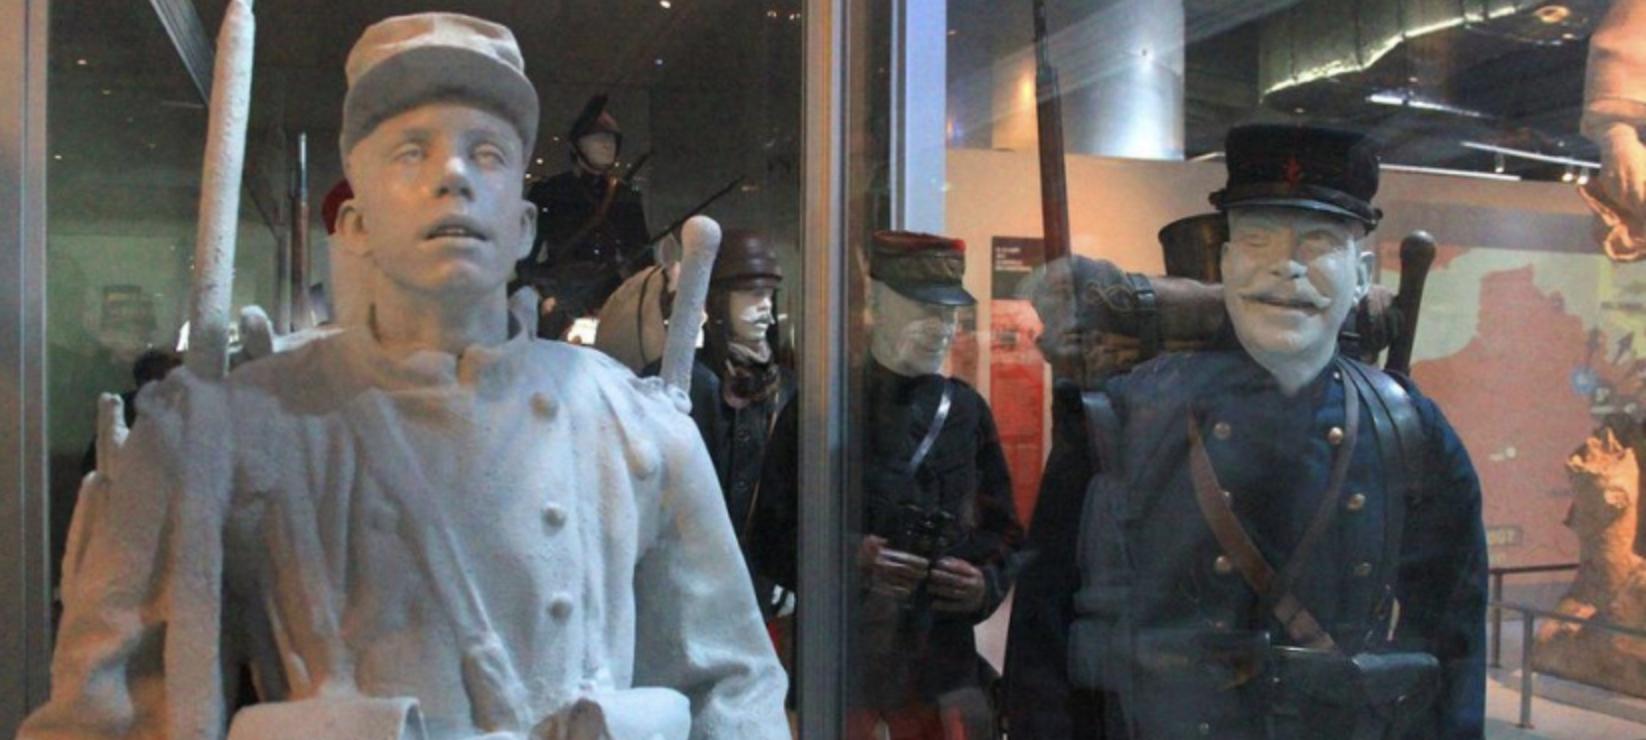 LE MUSÉE DE LA GRANDE GUERRE OUVRE SES PORTES LE 22 JUIN 2020